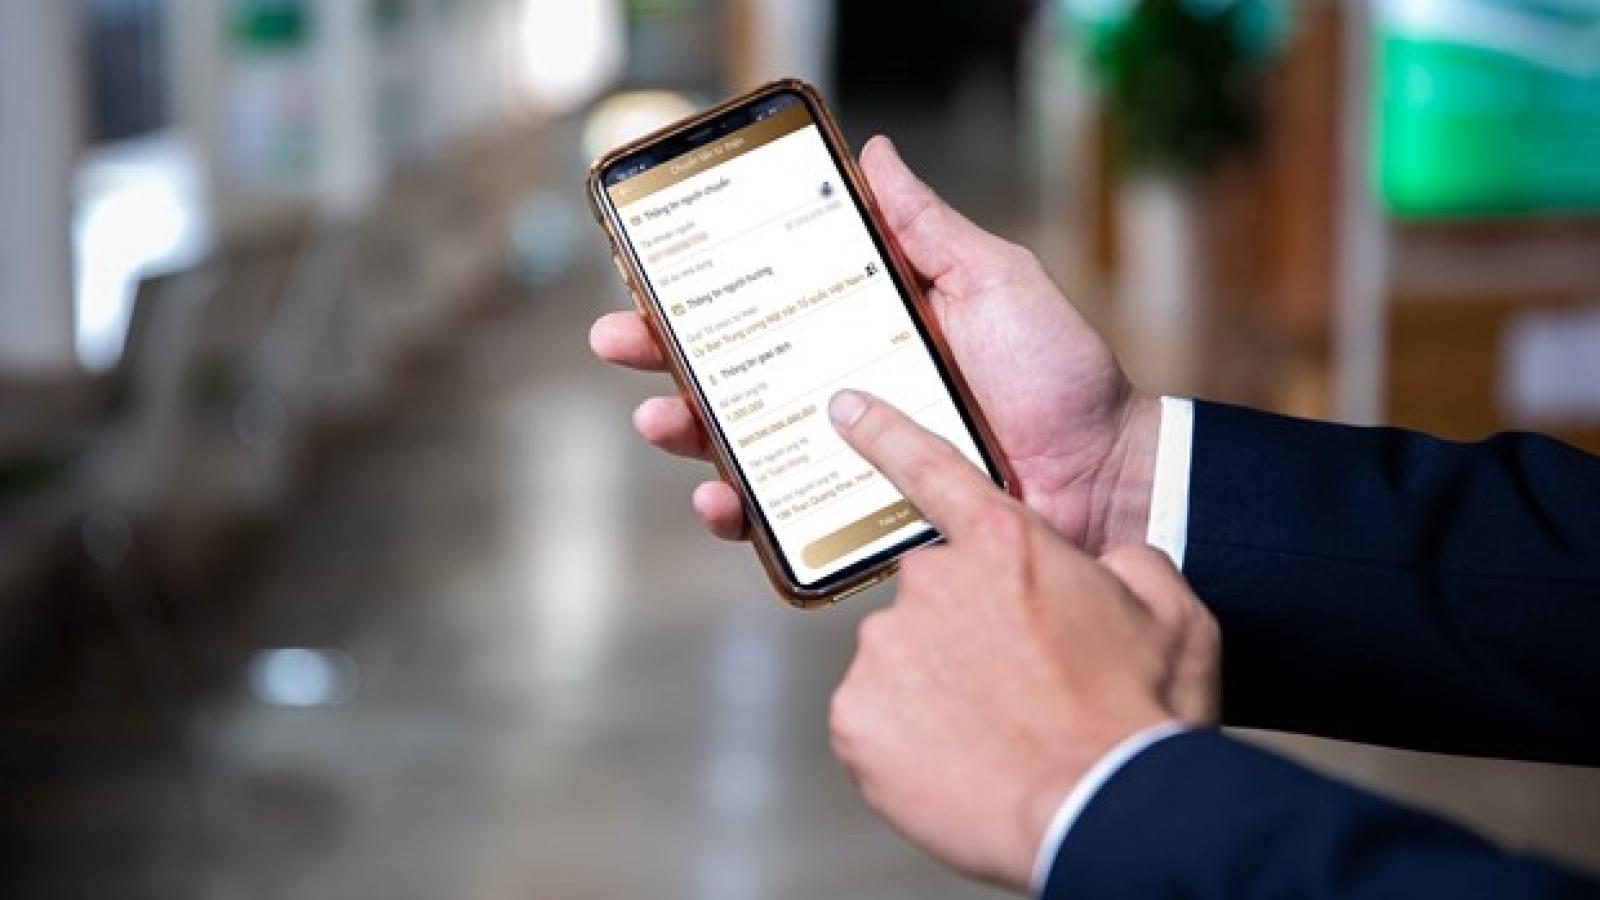 Ngân hàng bức xúc vì tin nhắn bị tính phí cao, đề xuất giảm mãi không được